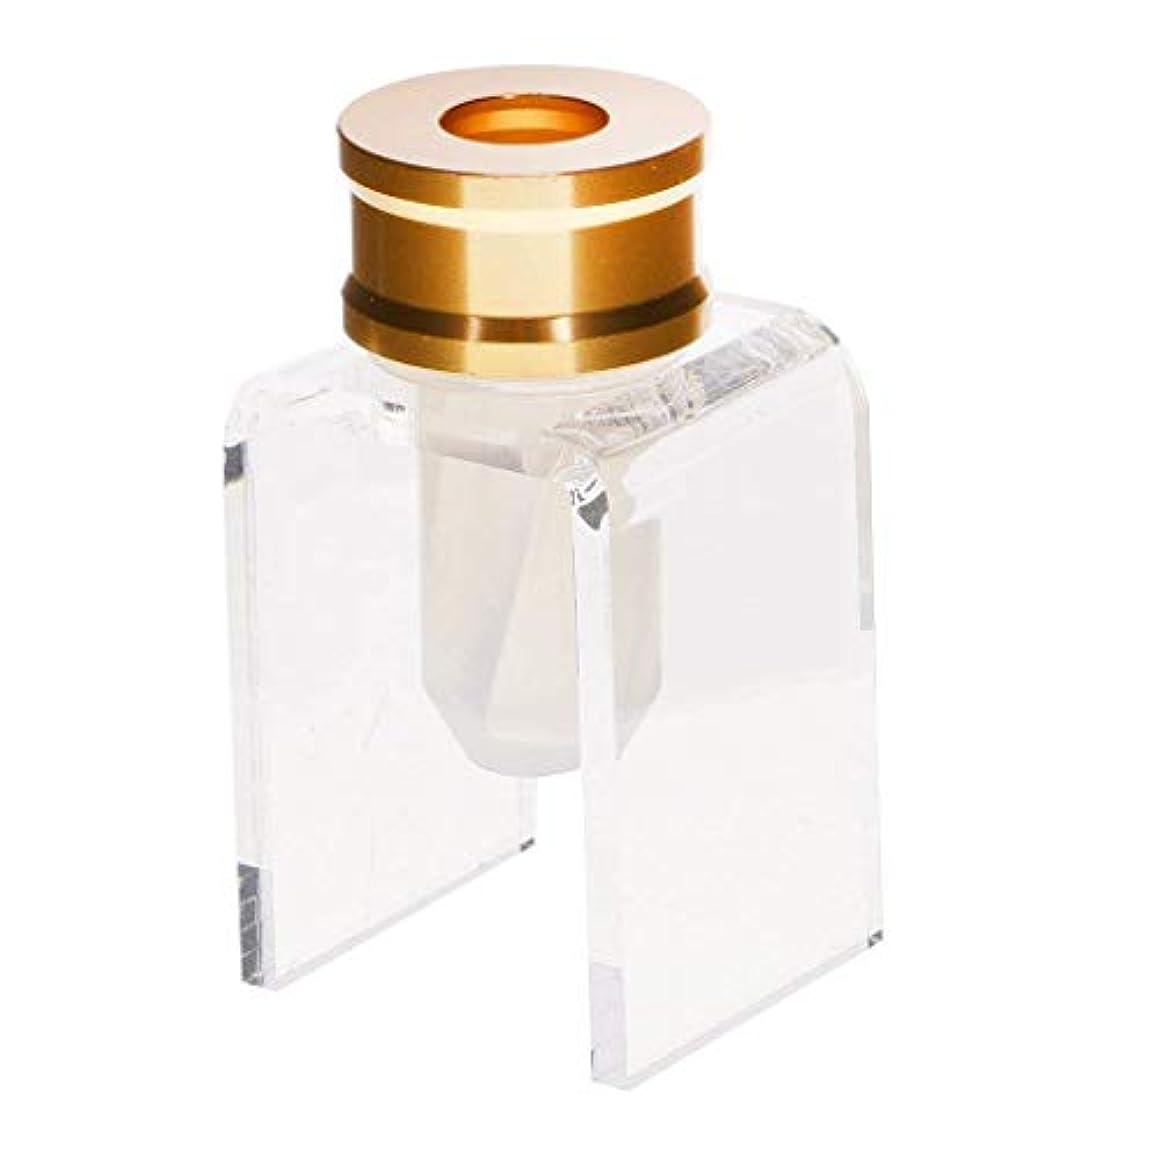 いま包囲摂動DIYビルダー口紅パッケージ用の金型クランプリングを埋めるシンプルな金型設計シリコーン口紅バーム口紅型は1セット